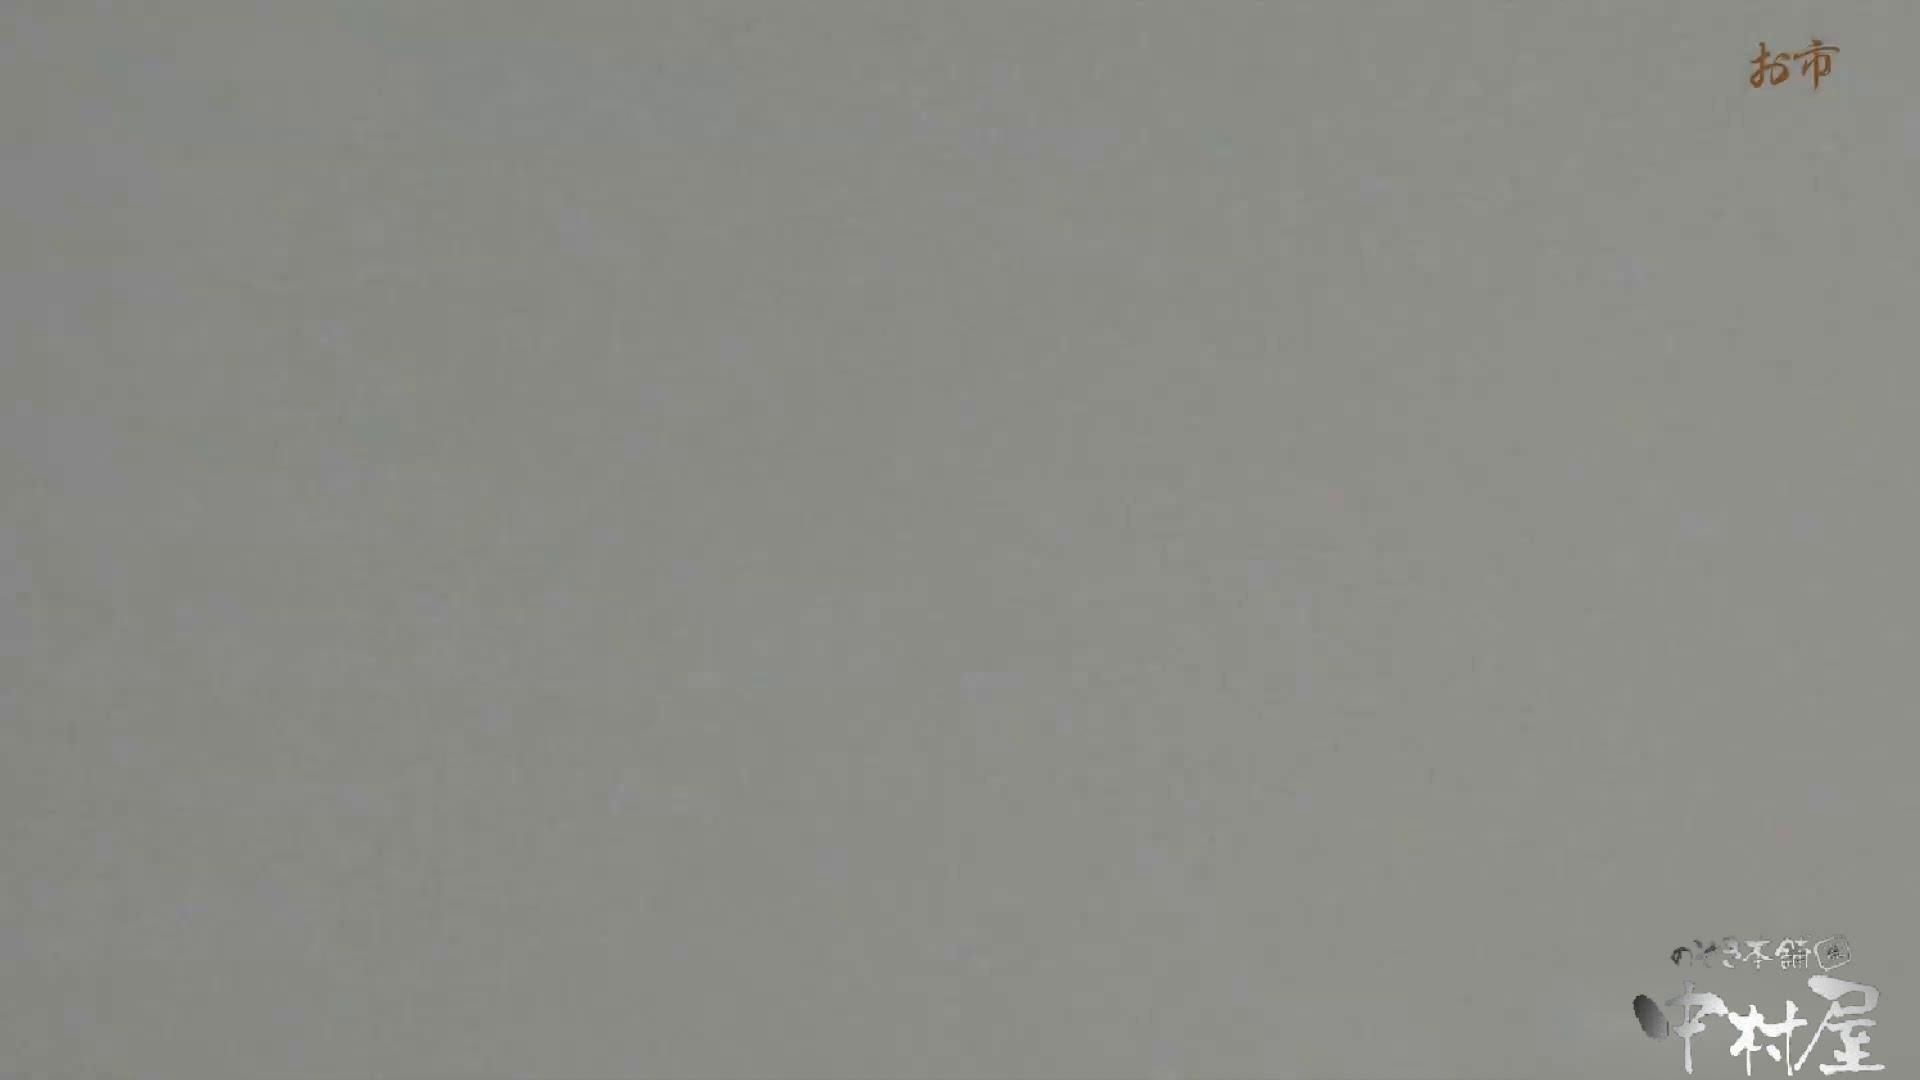 お市さんの「お尻丸出しジャンボリー」No.15 お尻 アダルト動画キャプチャ 99pic 16